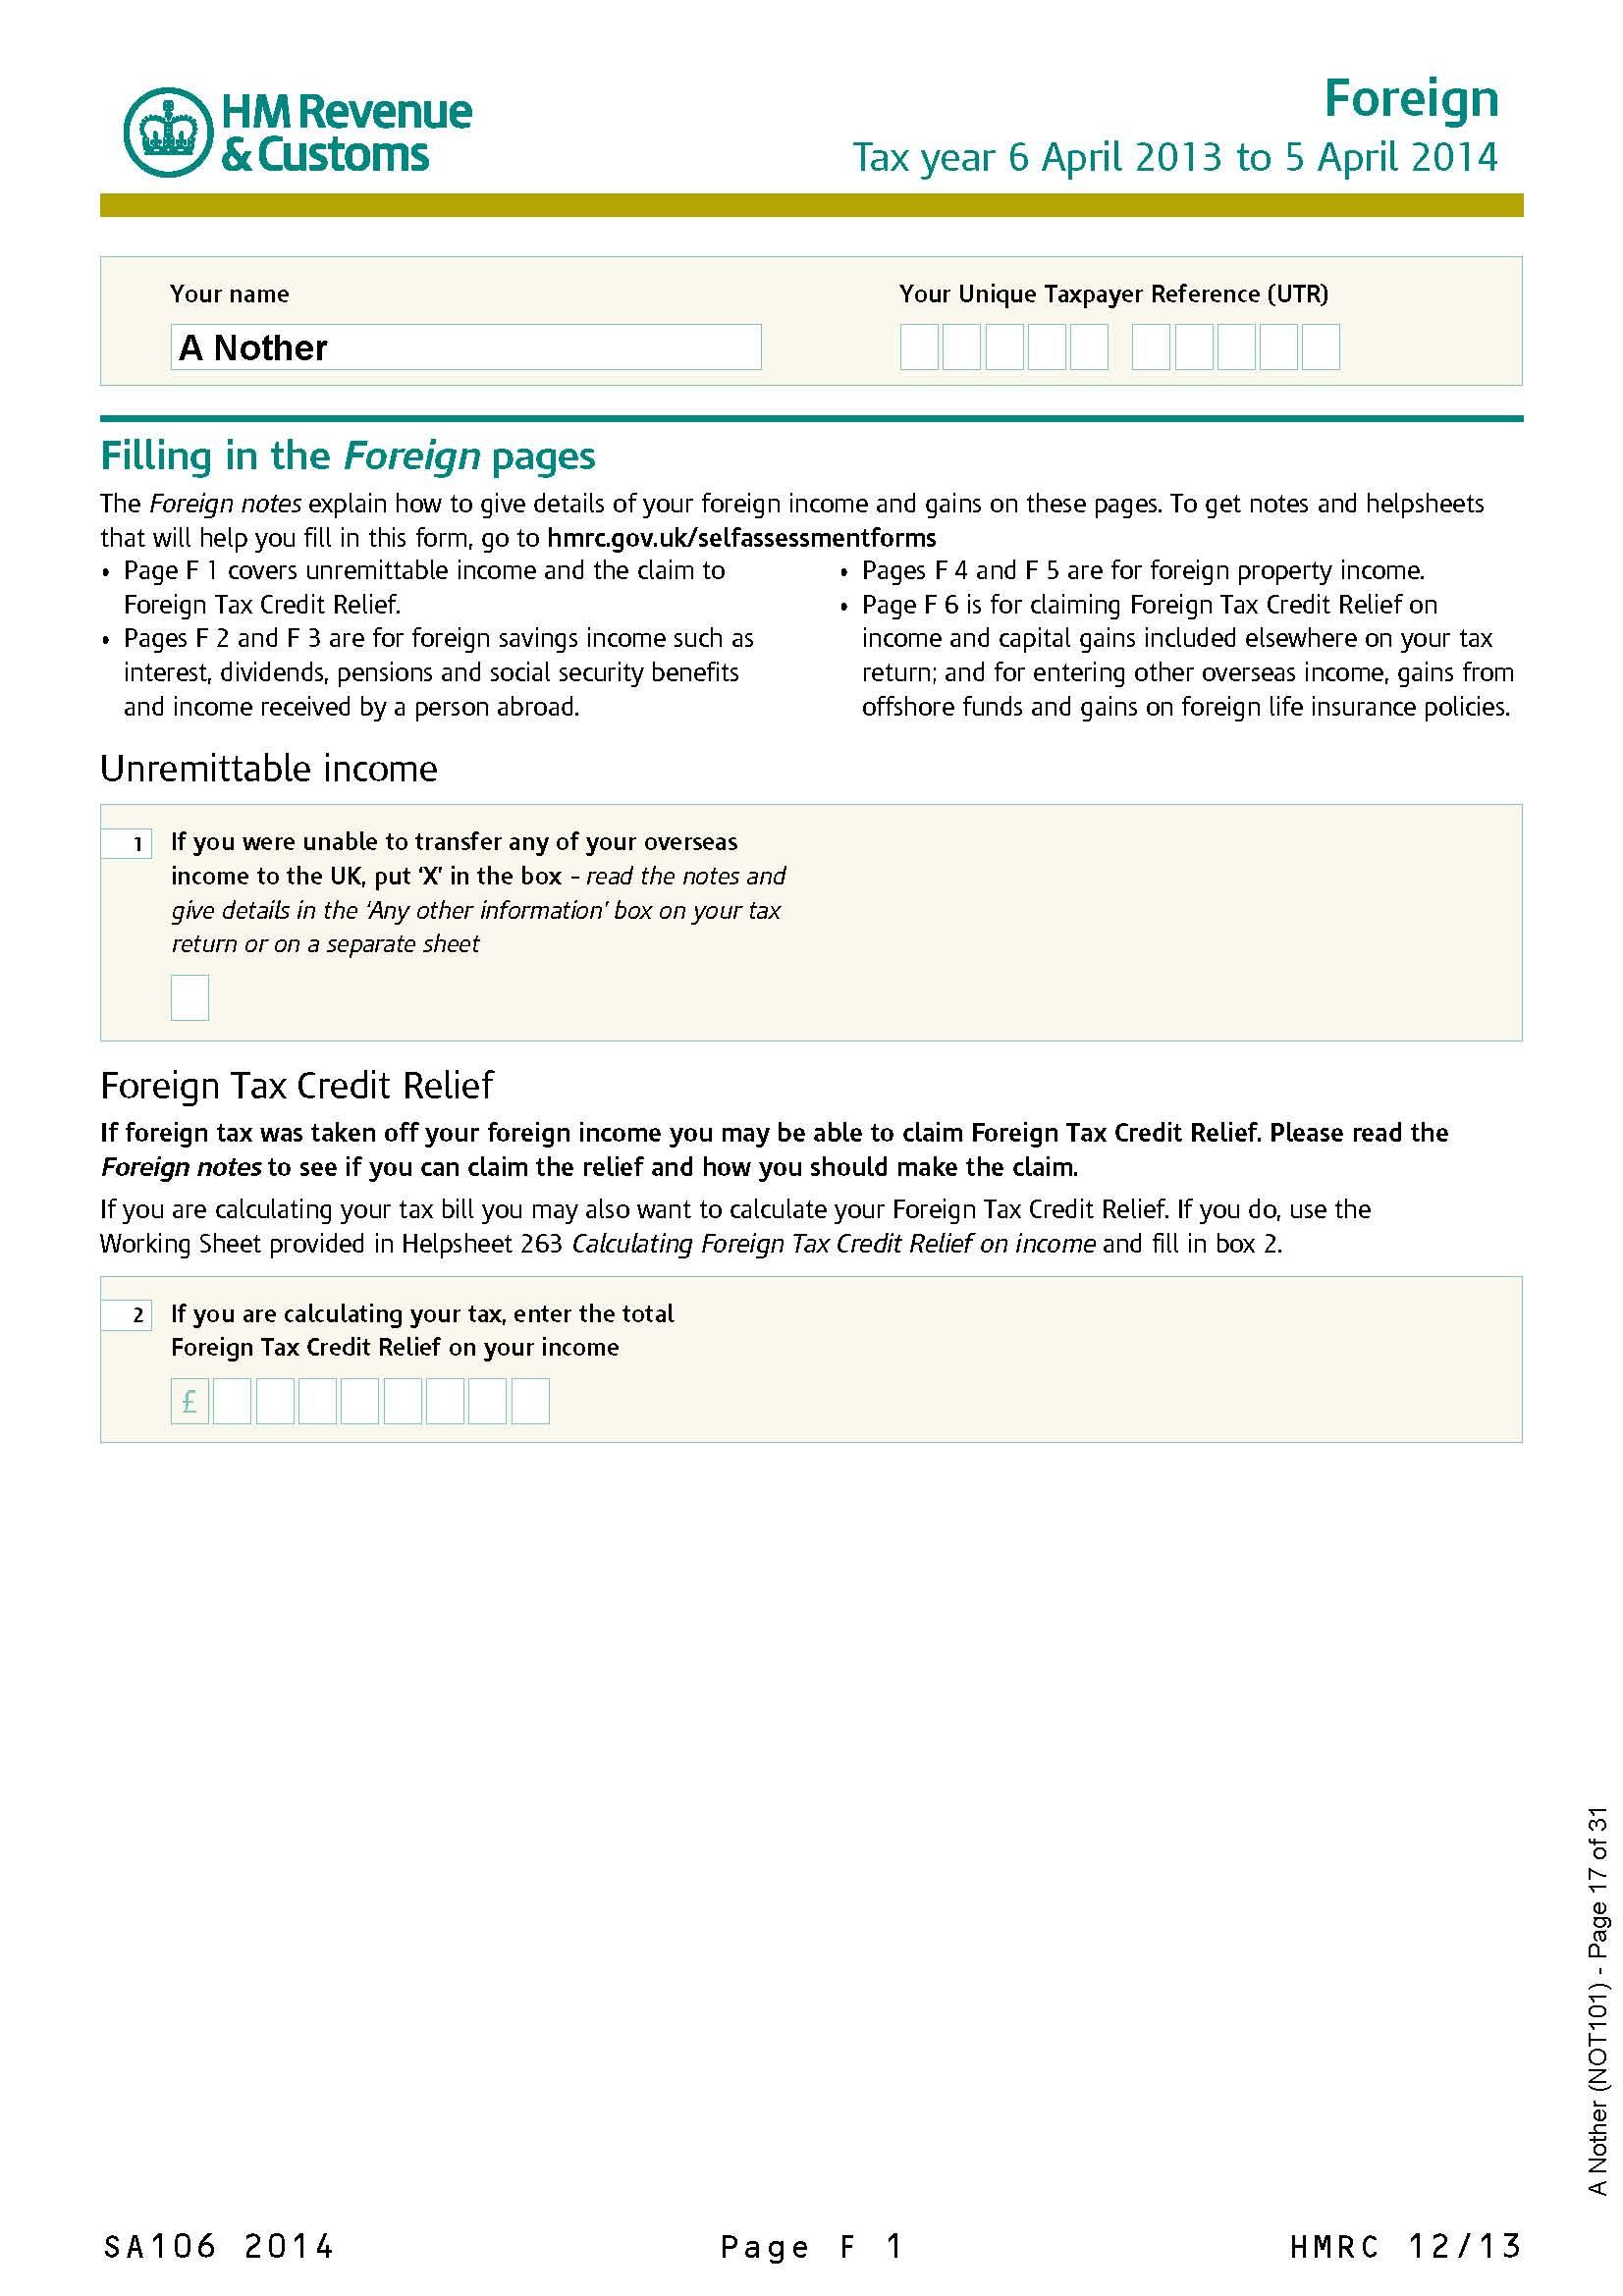 hmrc tax return form online